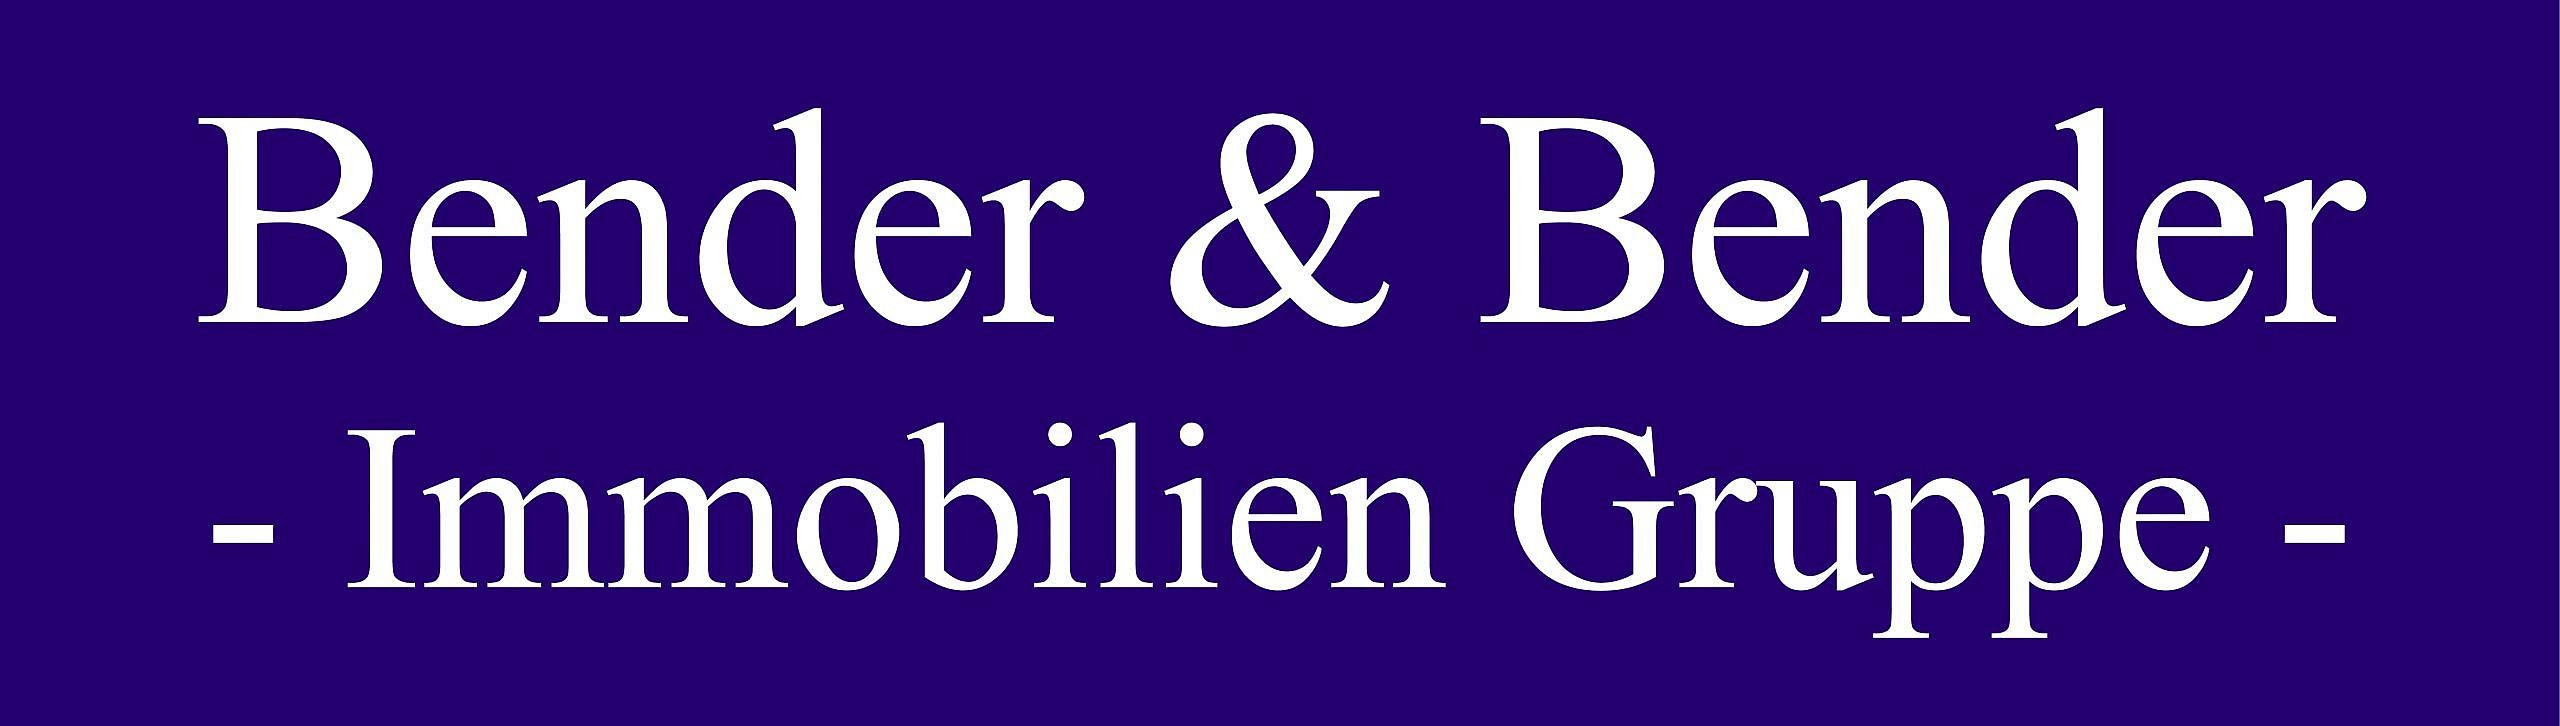 Bender & Bender Immobilien Gruppe